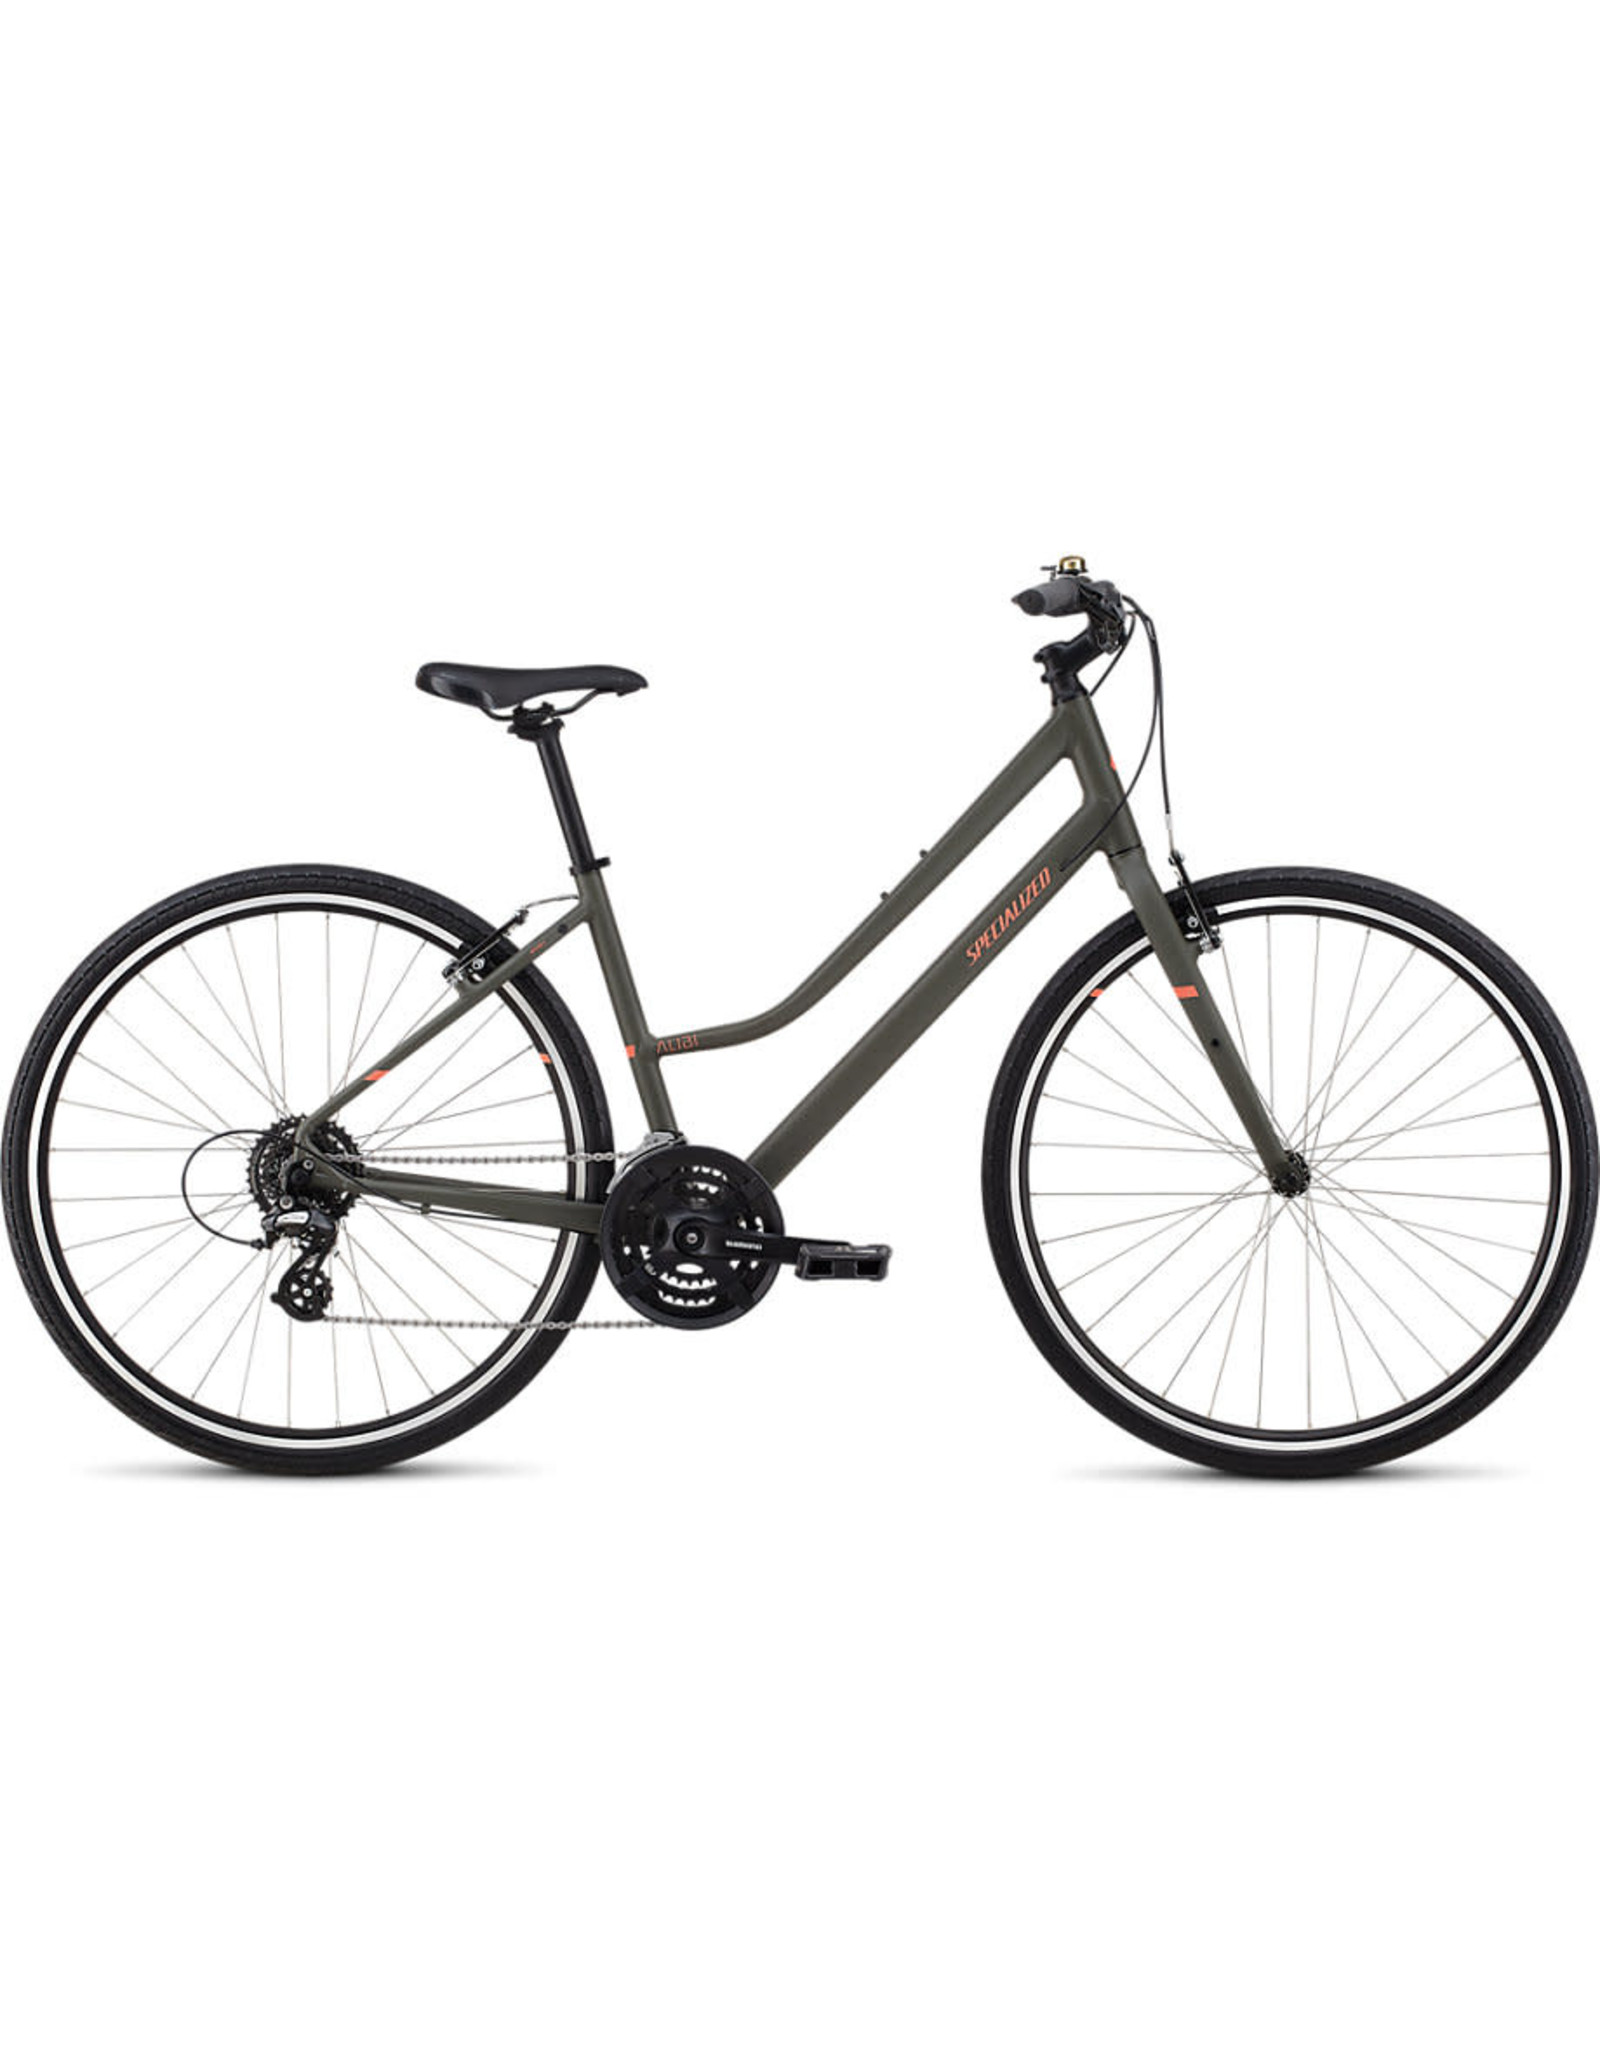 Specialized Bikes ALIBI SPORT ST